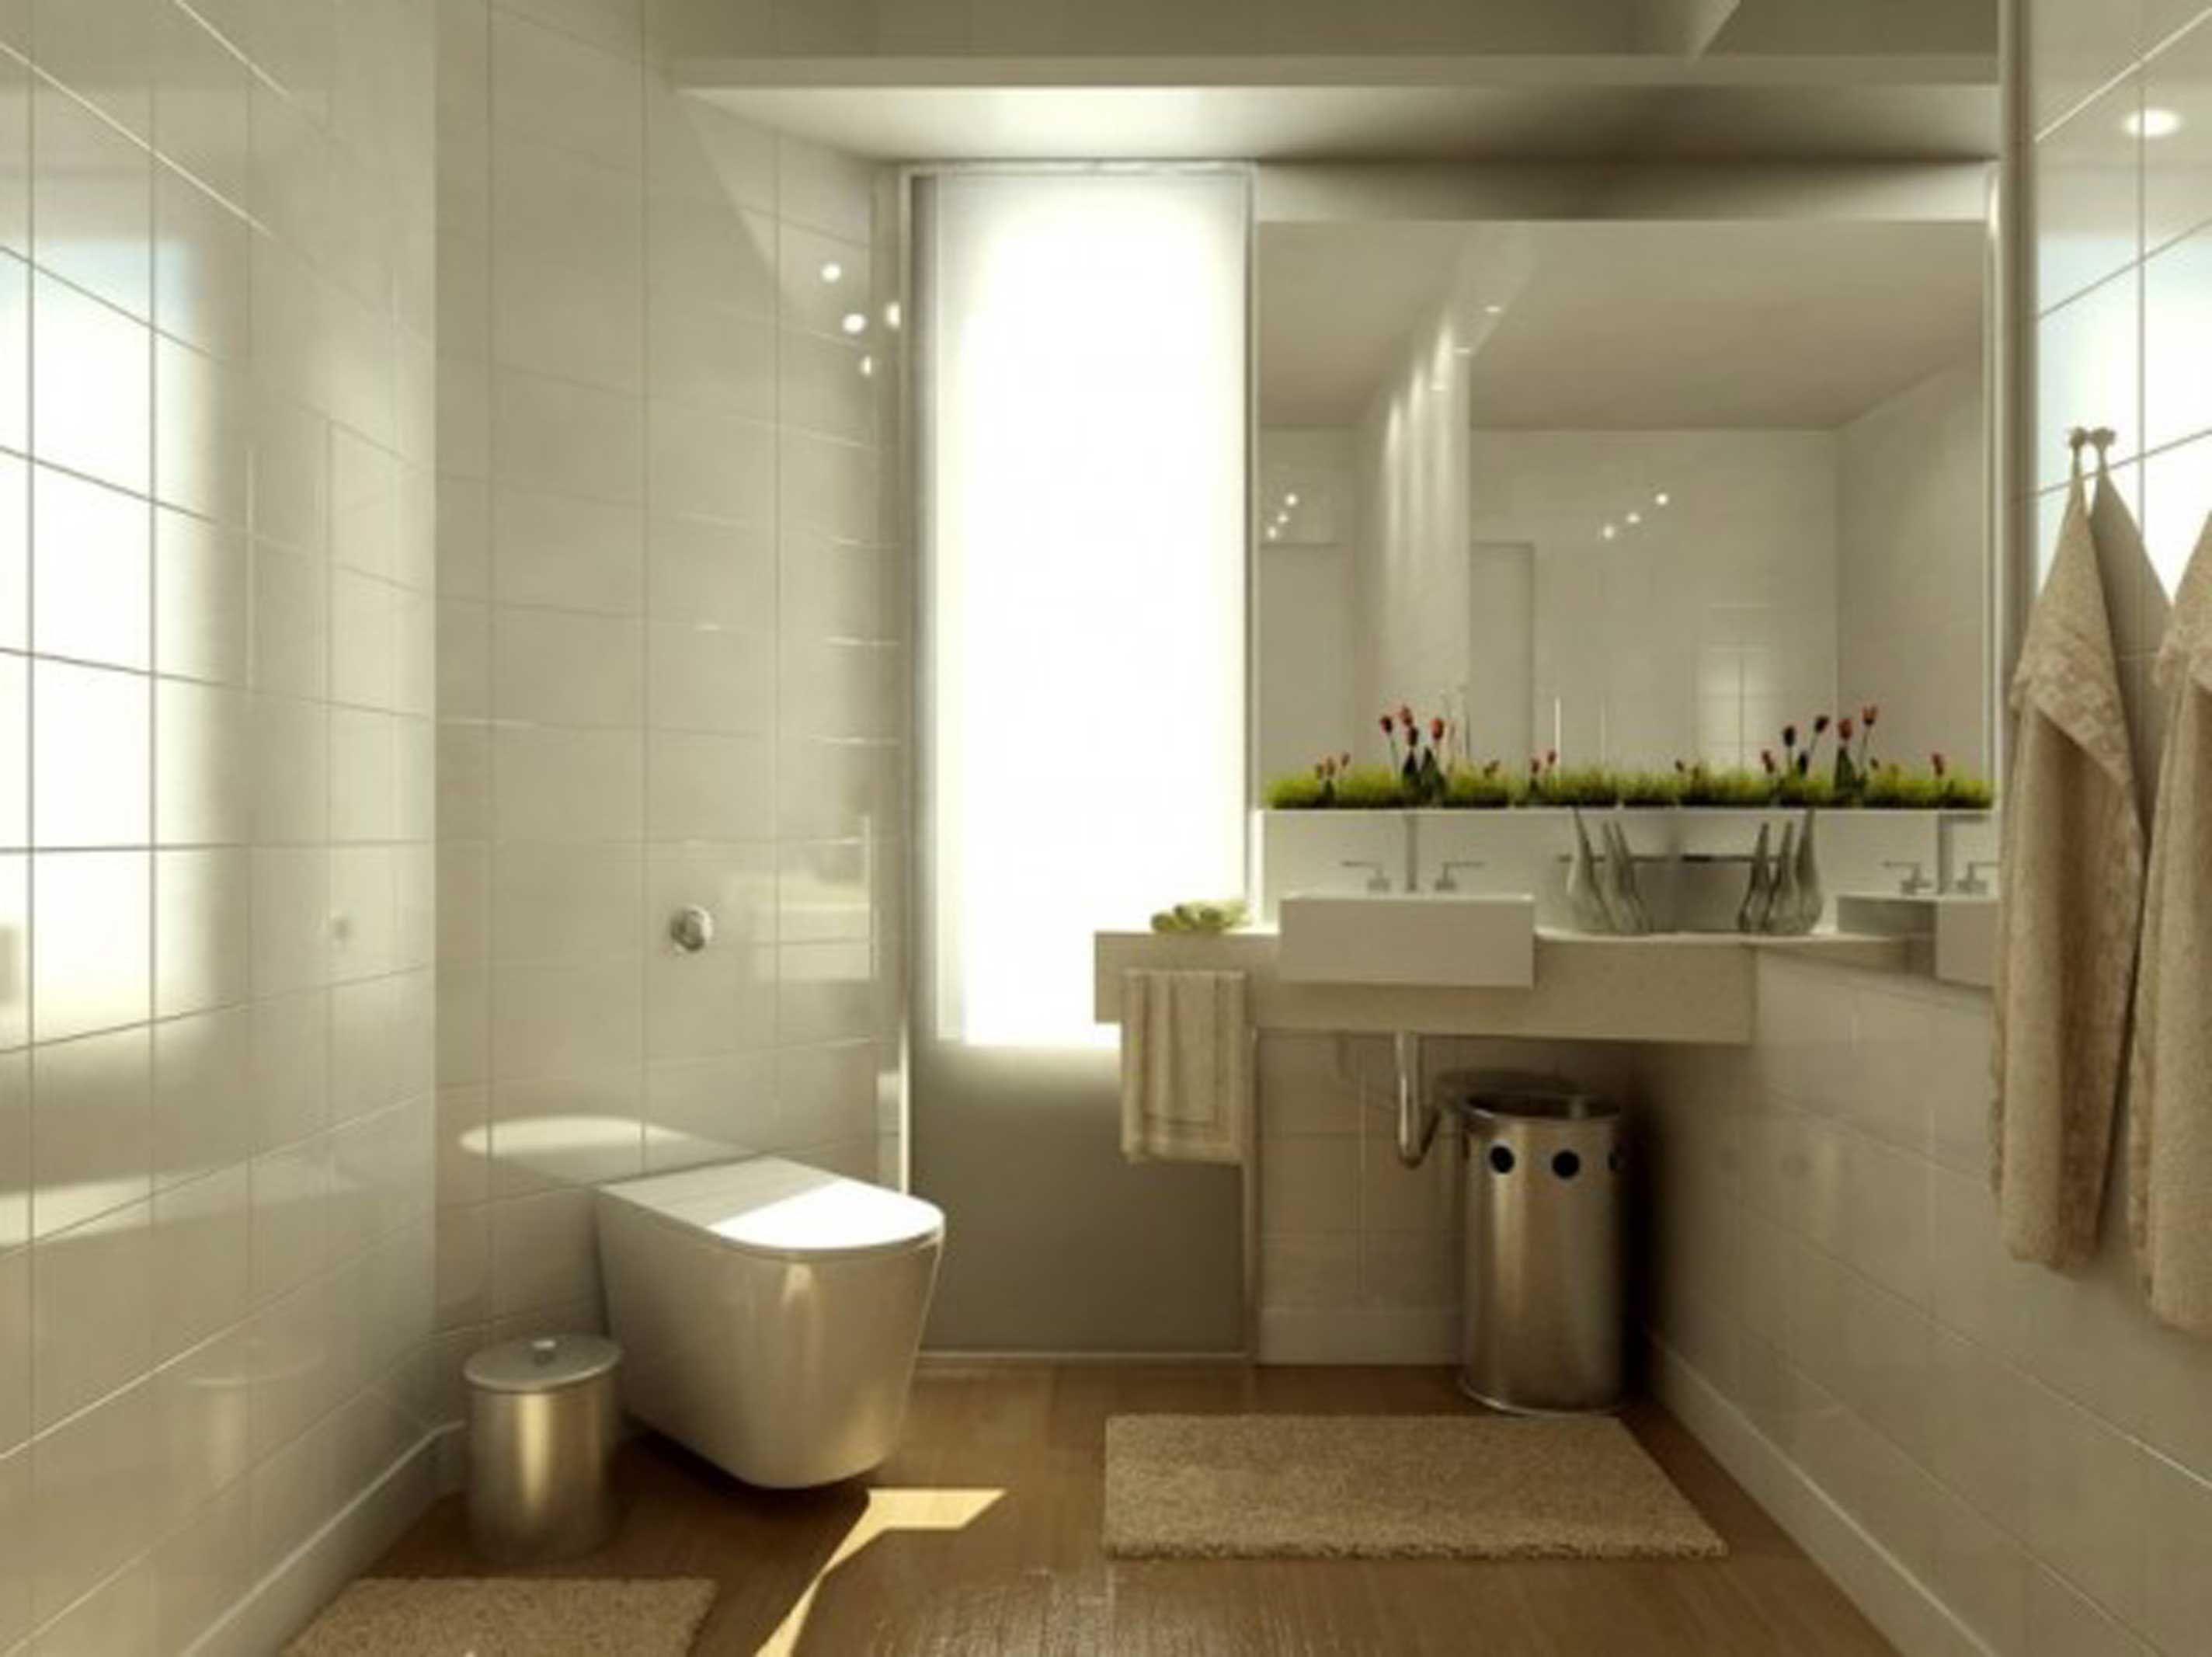 Badkamer #inspiratie #wastafel #toilet #hangend #tegels #sfeer